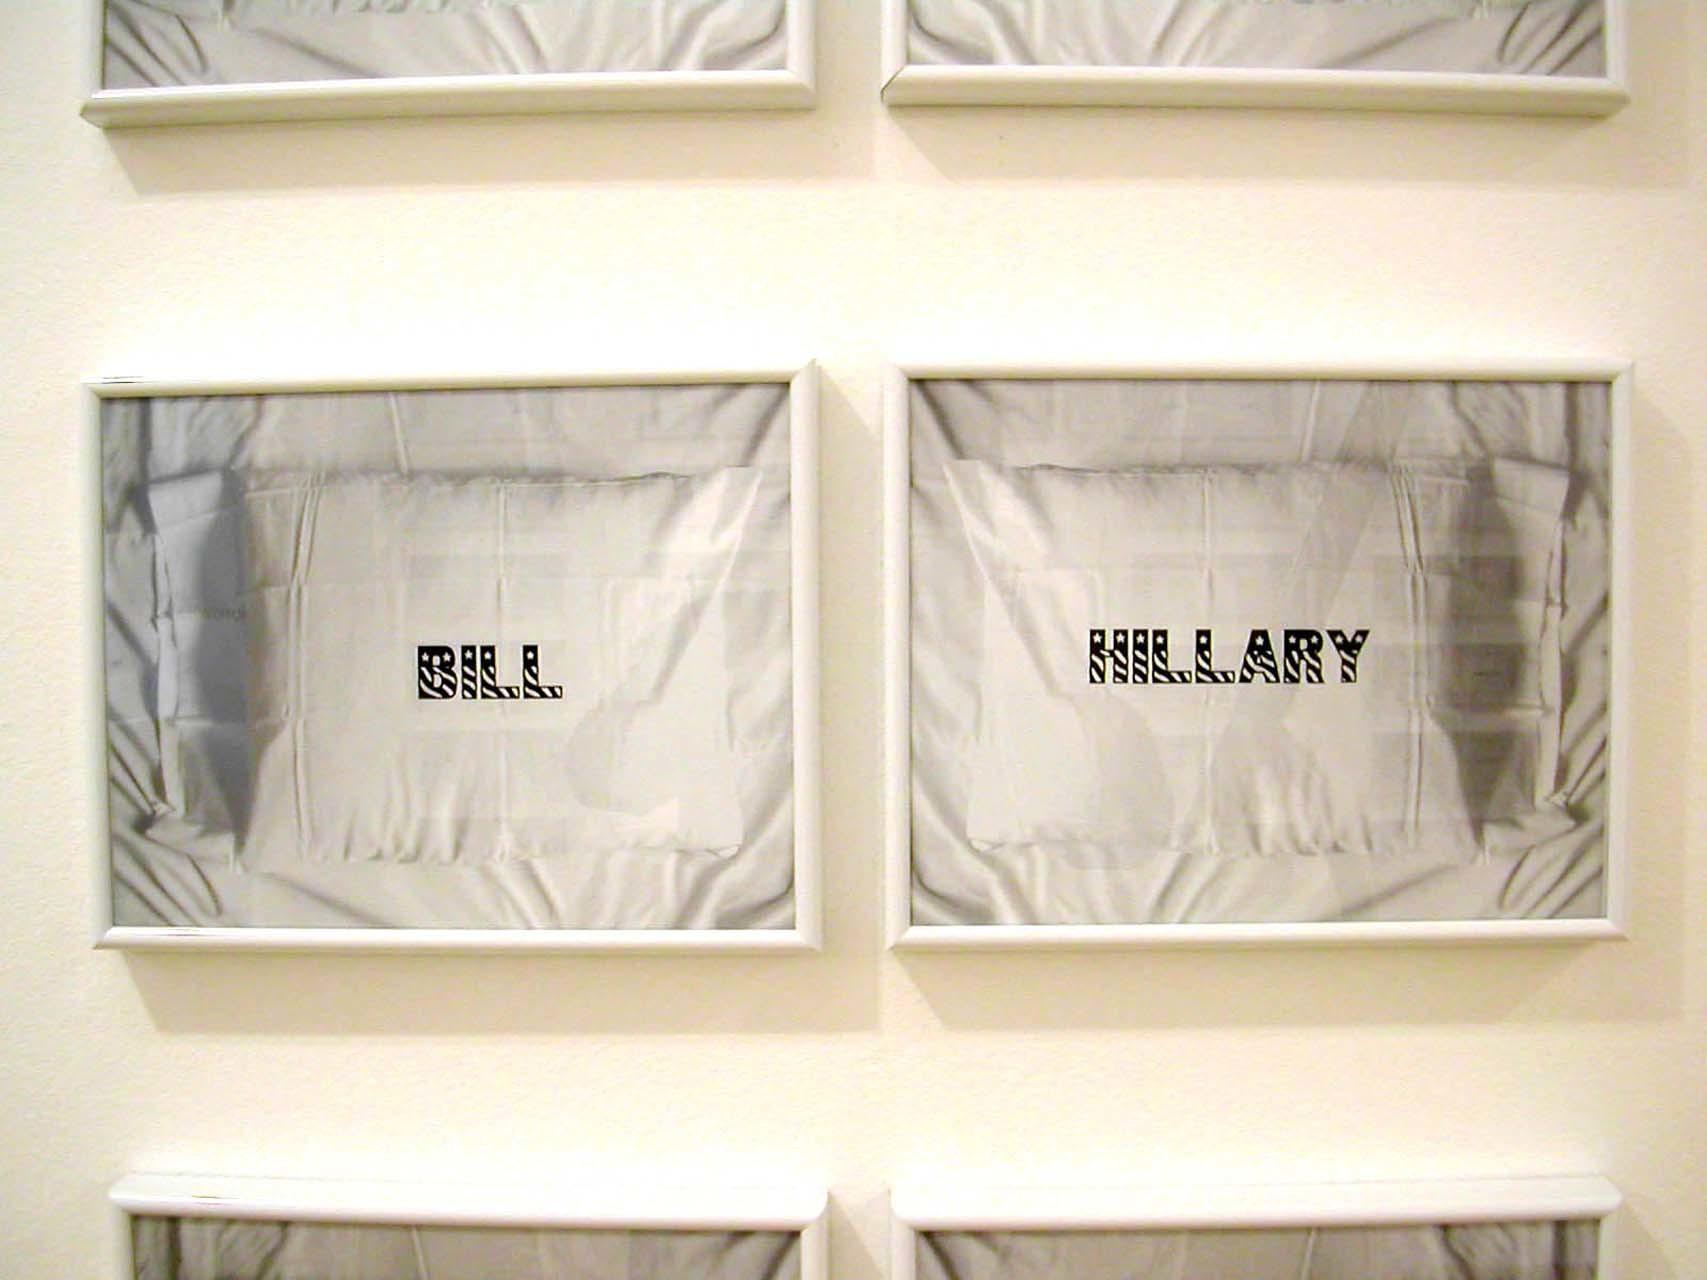 """<div class=""""artwork_caption""""><p>Bill & Hilary, 2002</p></div>"""